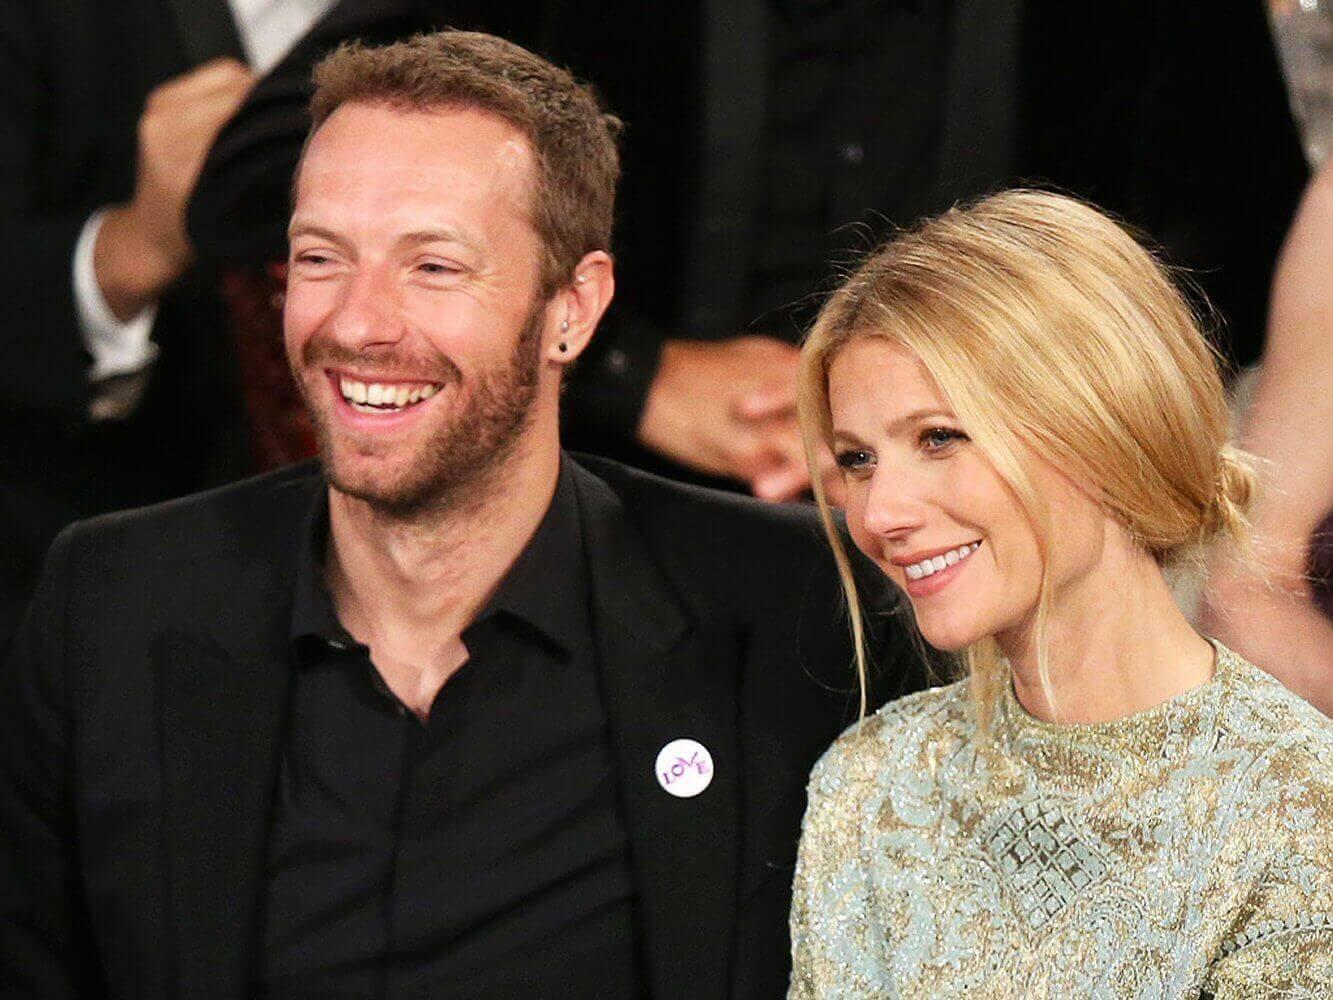 Chris Martin z Coldplay i Gwyneth Paltrow razem na wakacjach (ZDJĘCIA)